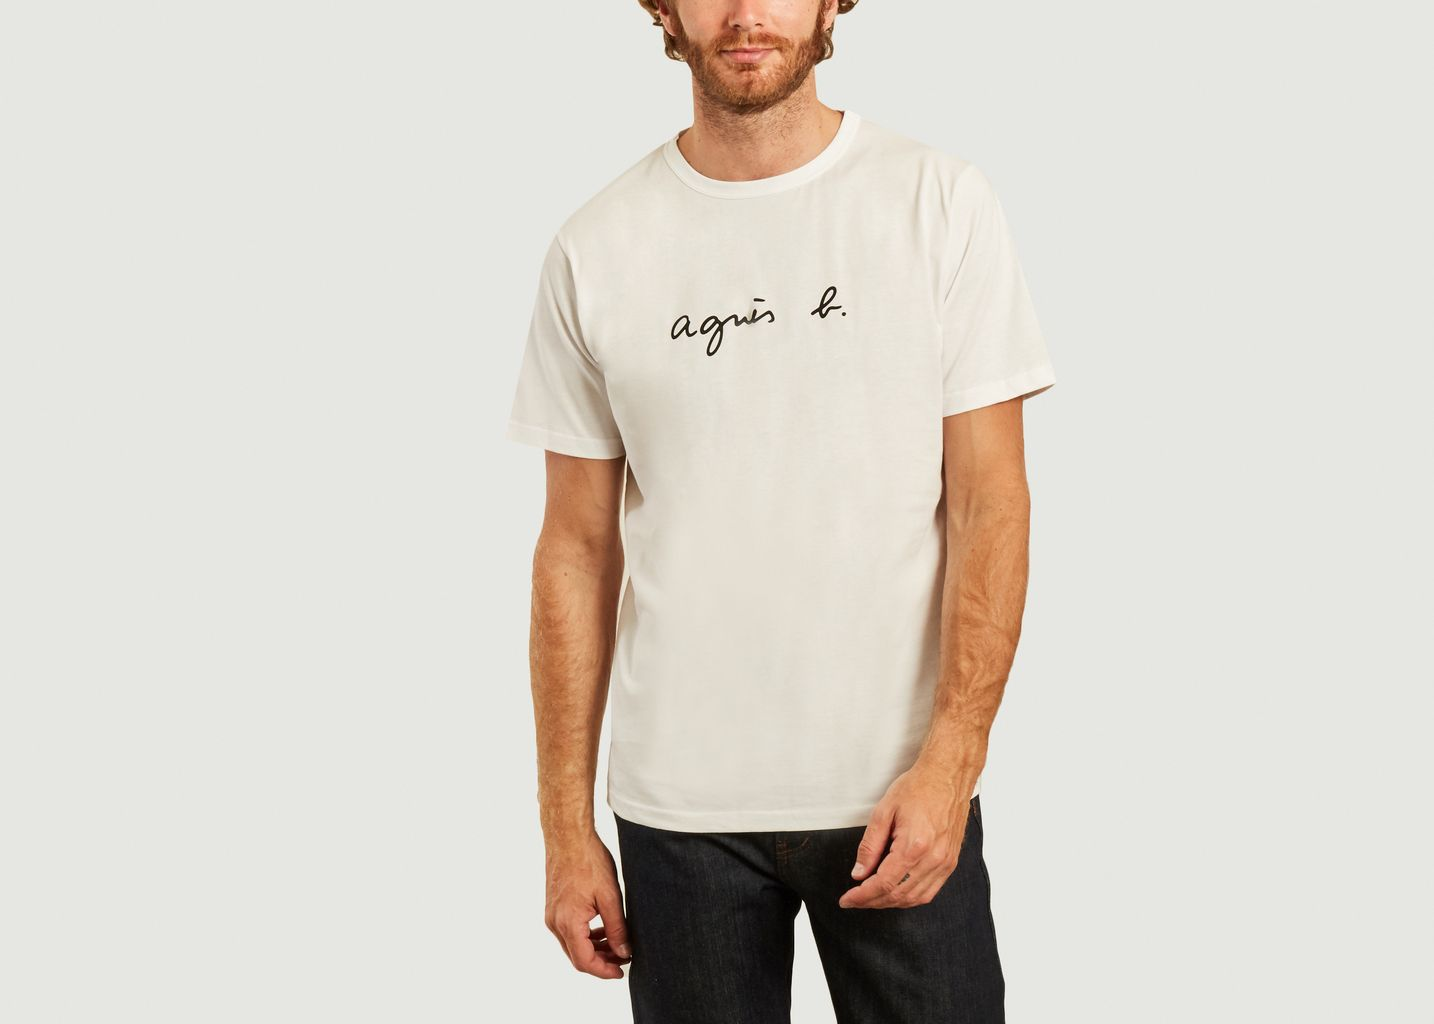 T-shirt agnès b - agnès b.